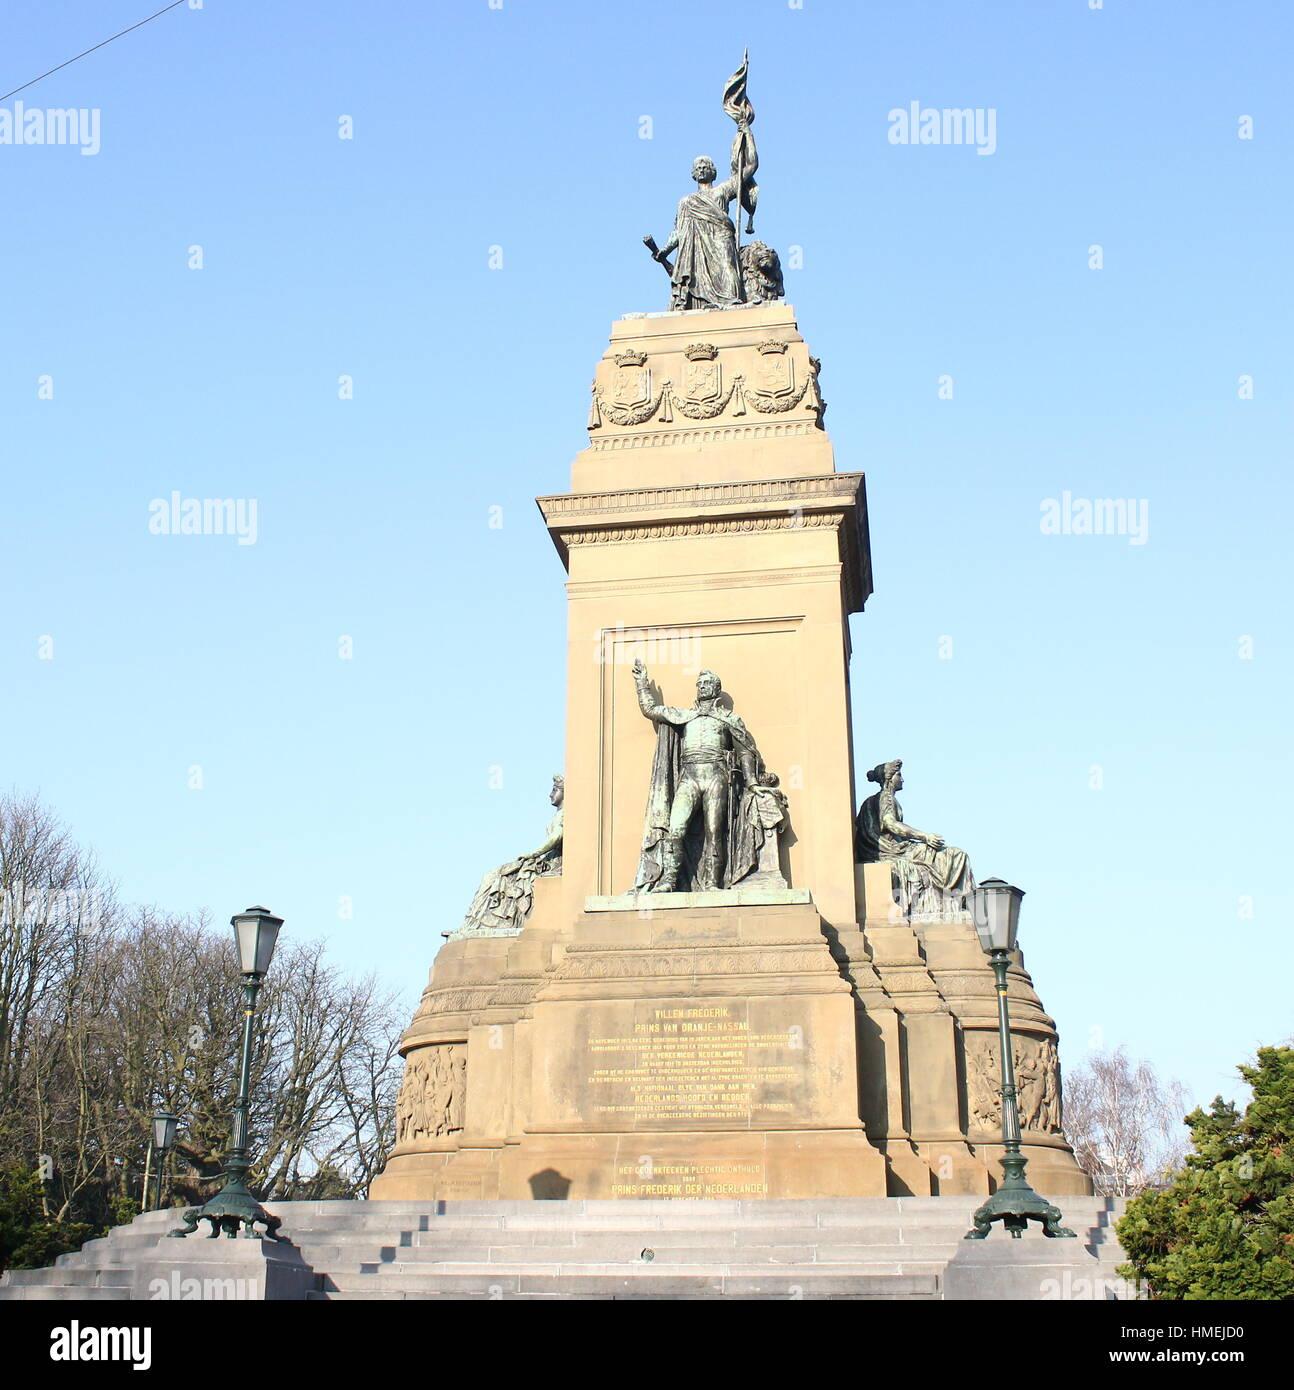 Siglo xix independencia monumento (Onafhankelijkheidsmonument) en plein 1813, Den Haag, Países Bajos. Imagen De Stock